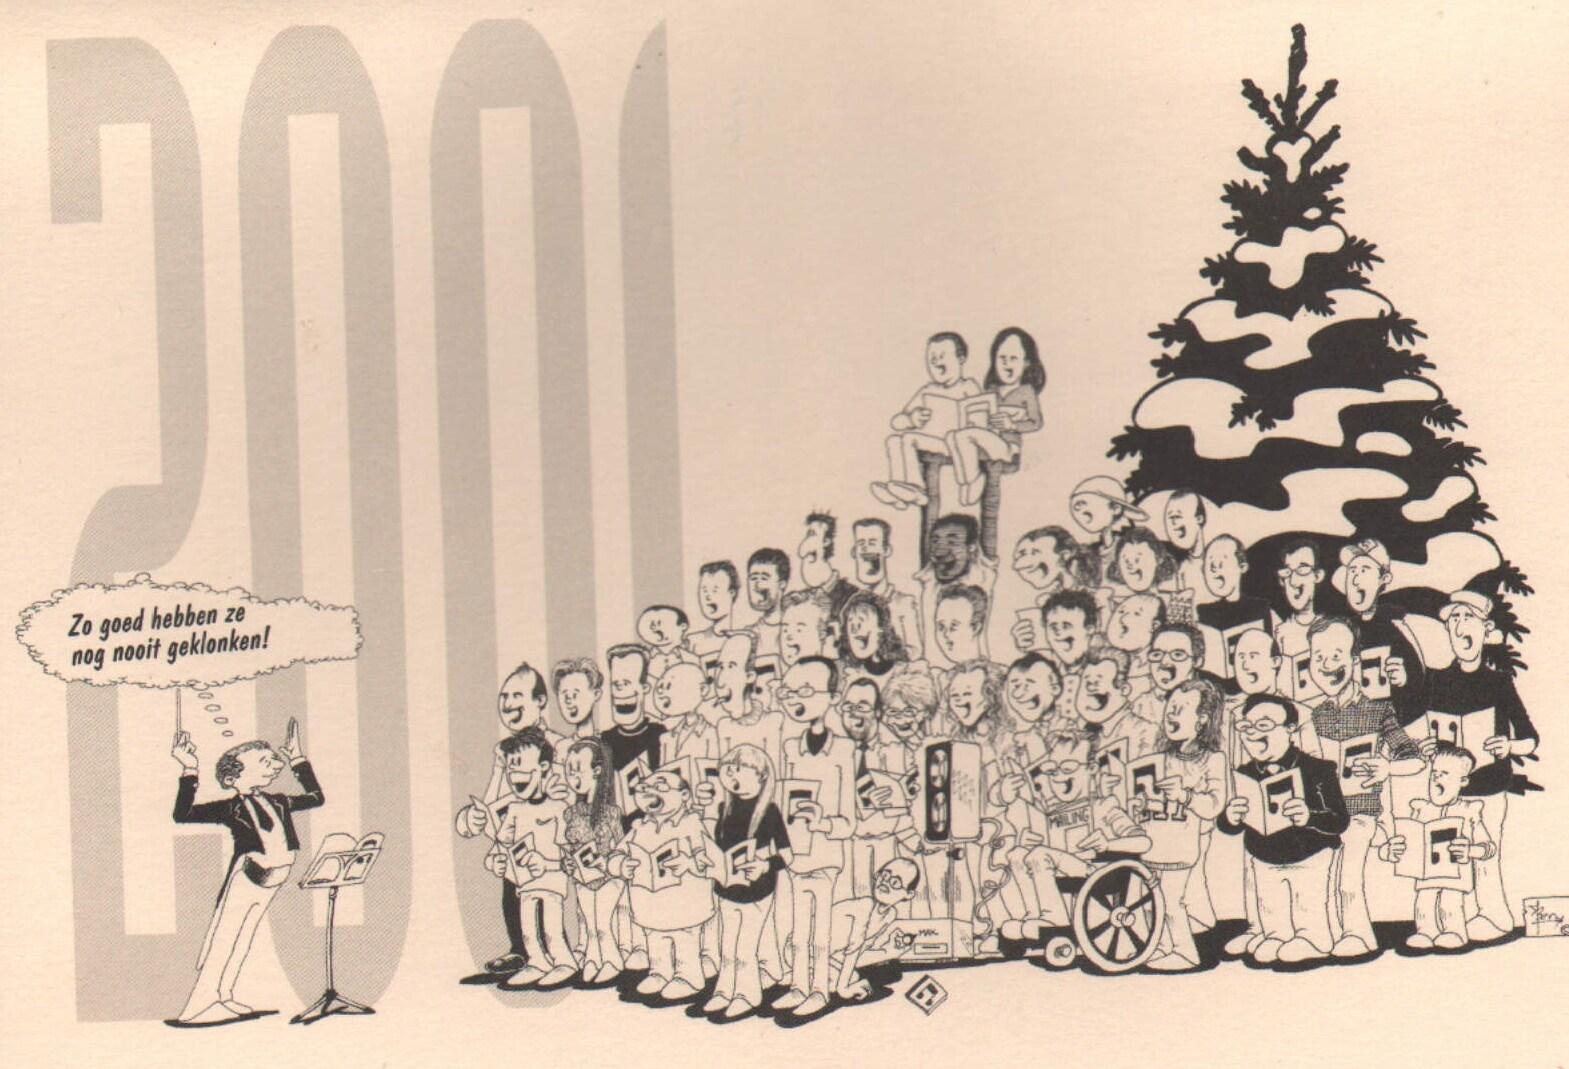 Kerstkaart voor toenmalige werkgever